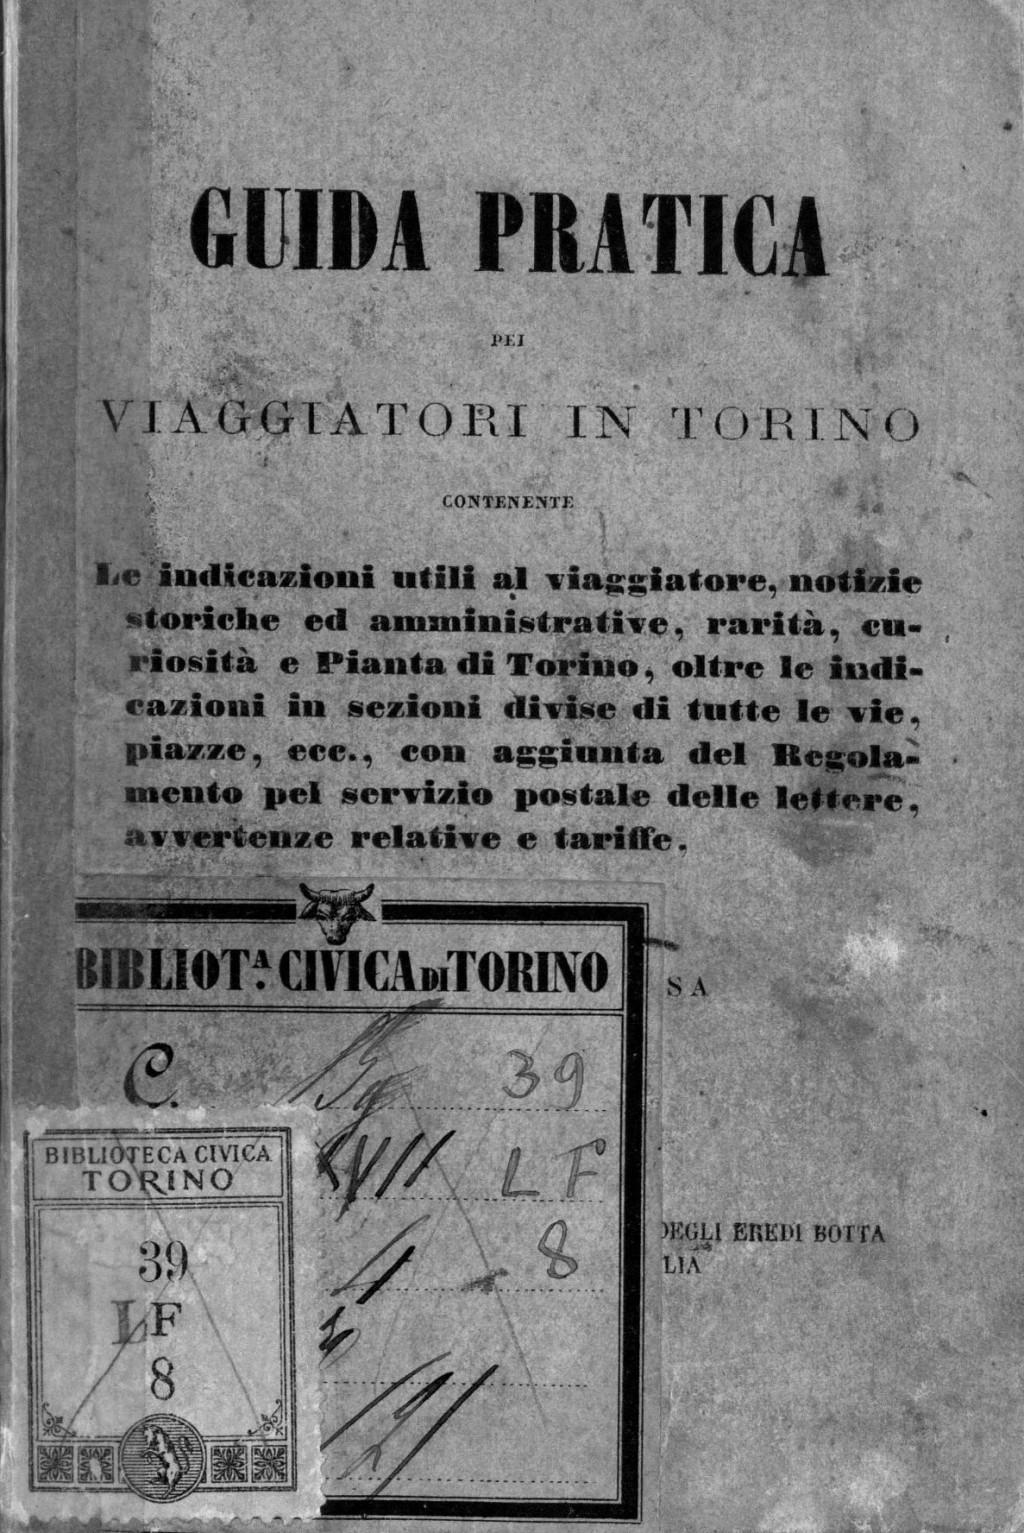 Torino & turismo: nascono nel 1800 le prime guide per i visitatori della città